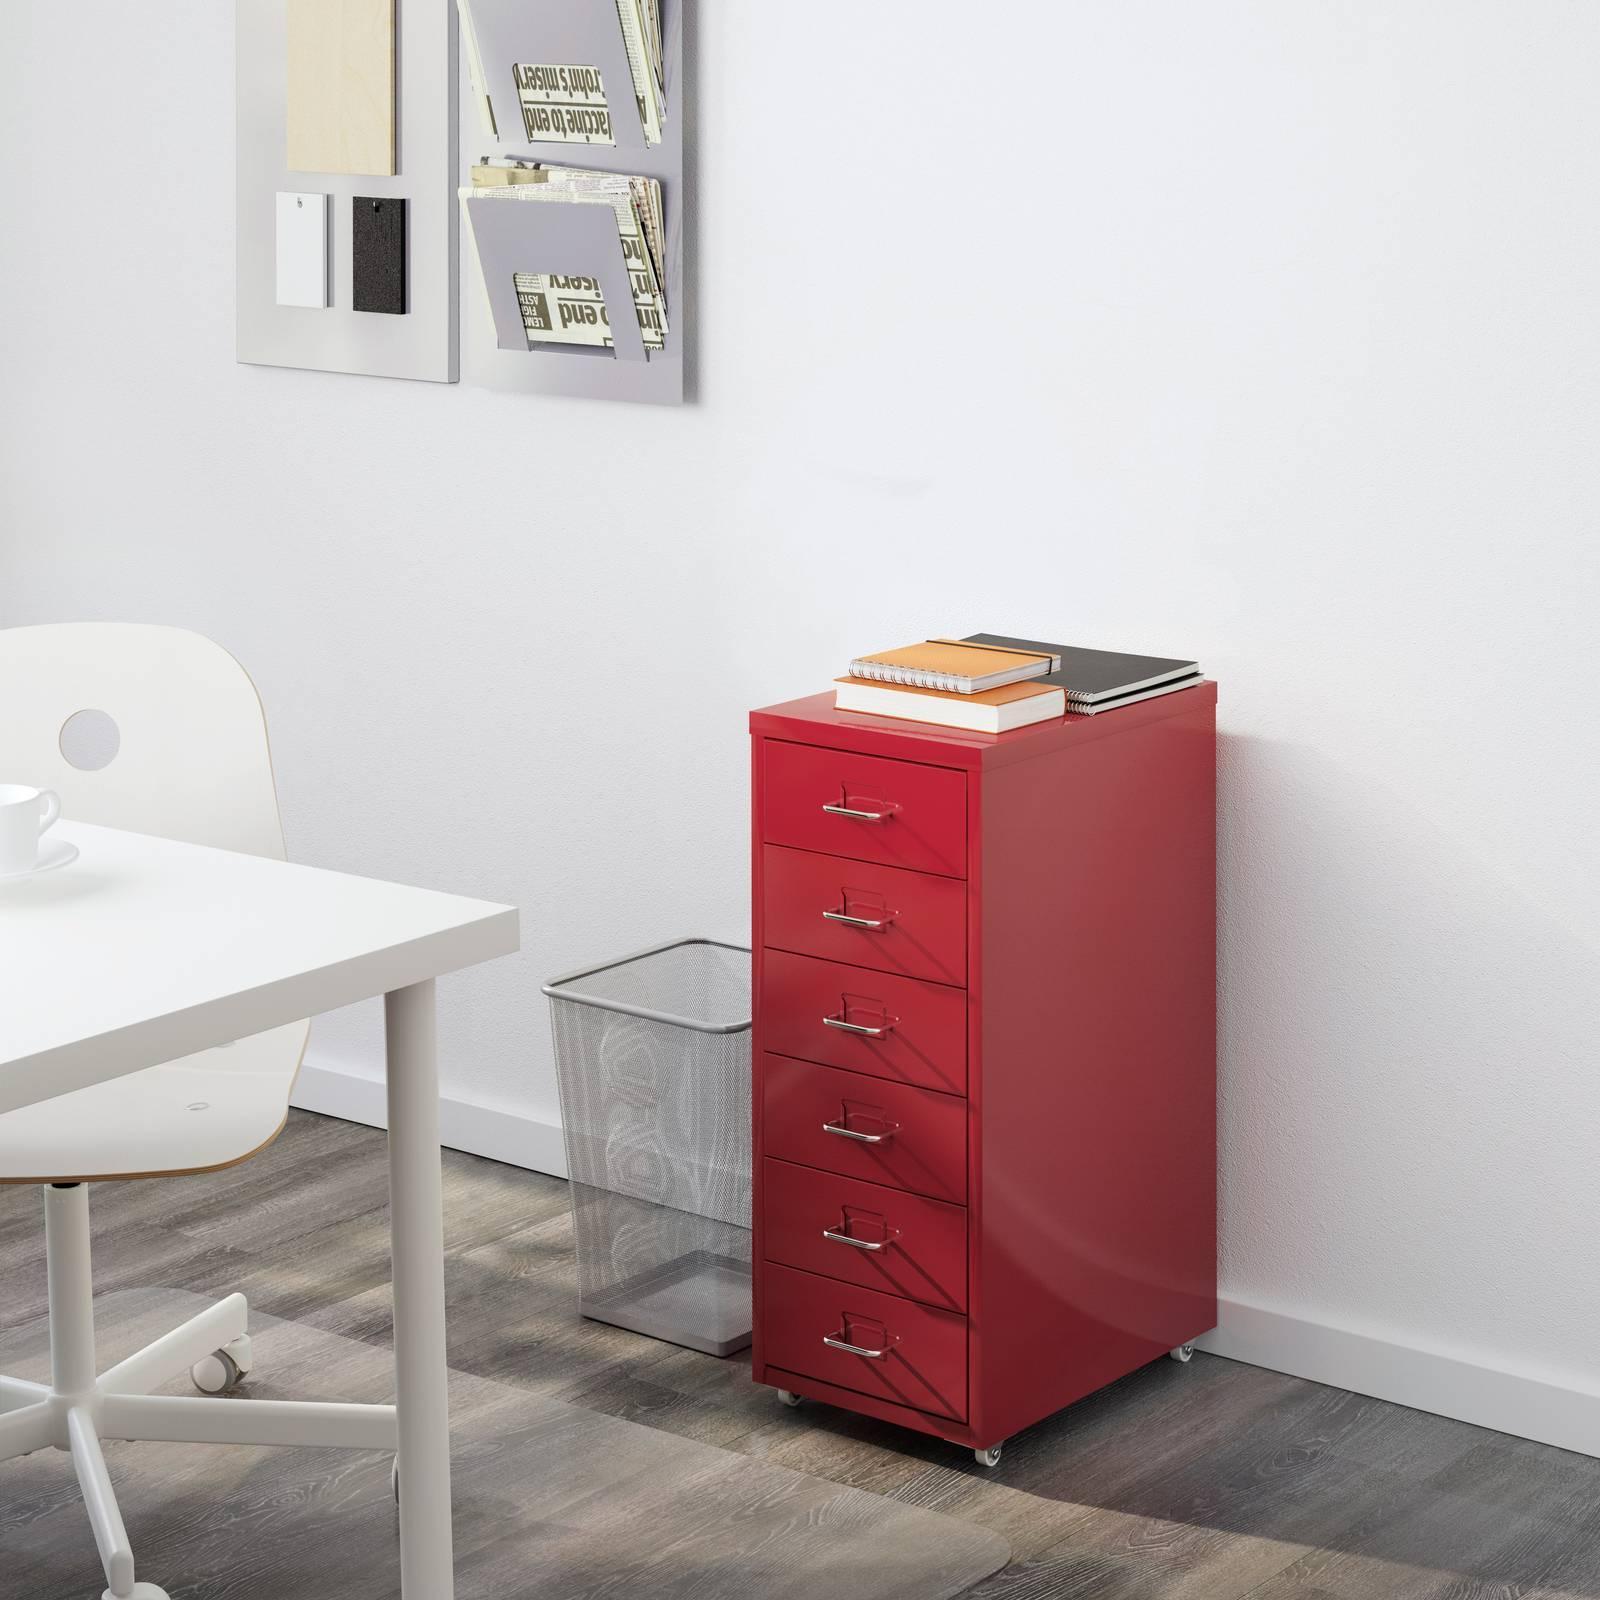 Mini Cassettiera Fai Da Te cassettiere con rotelle: mini, capienti e colorate - cose di